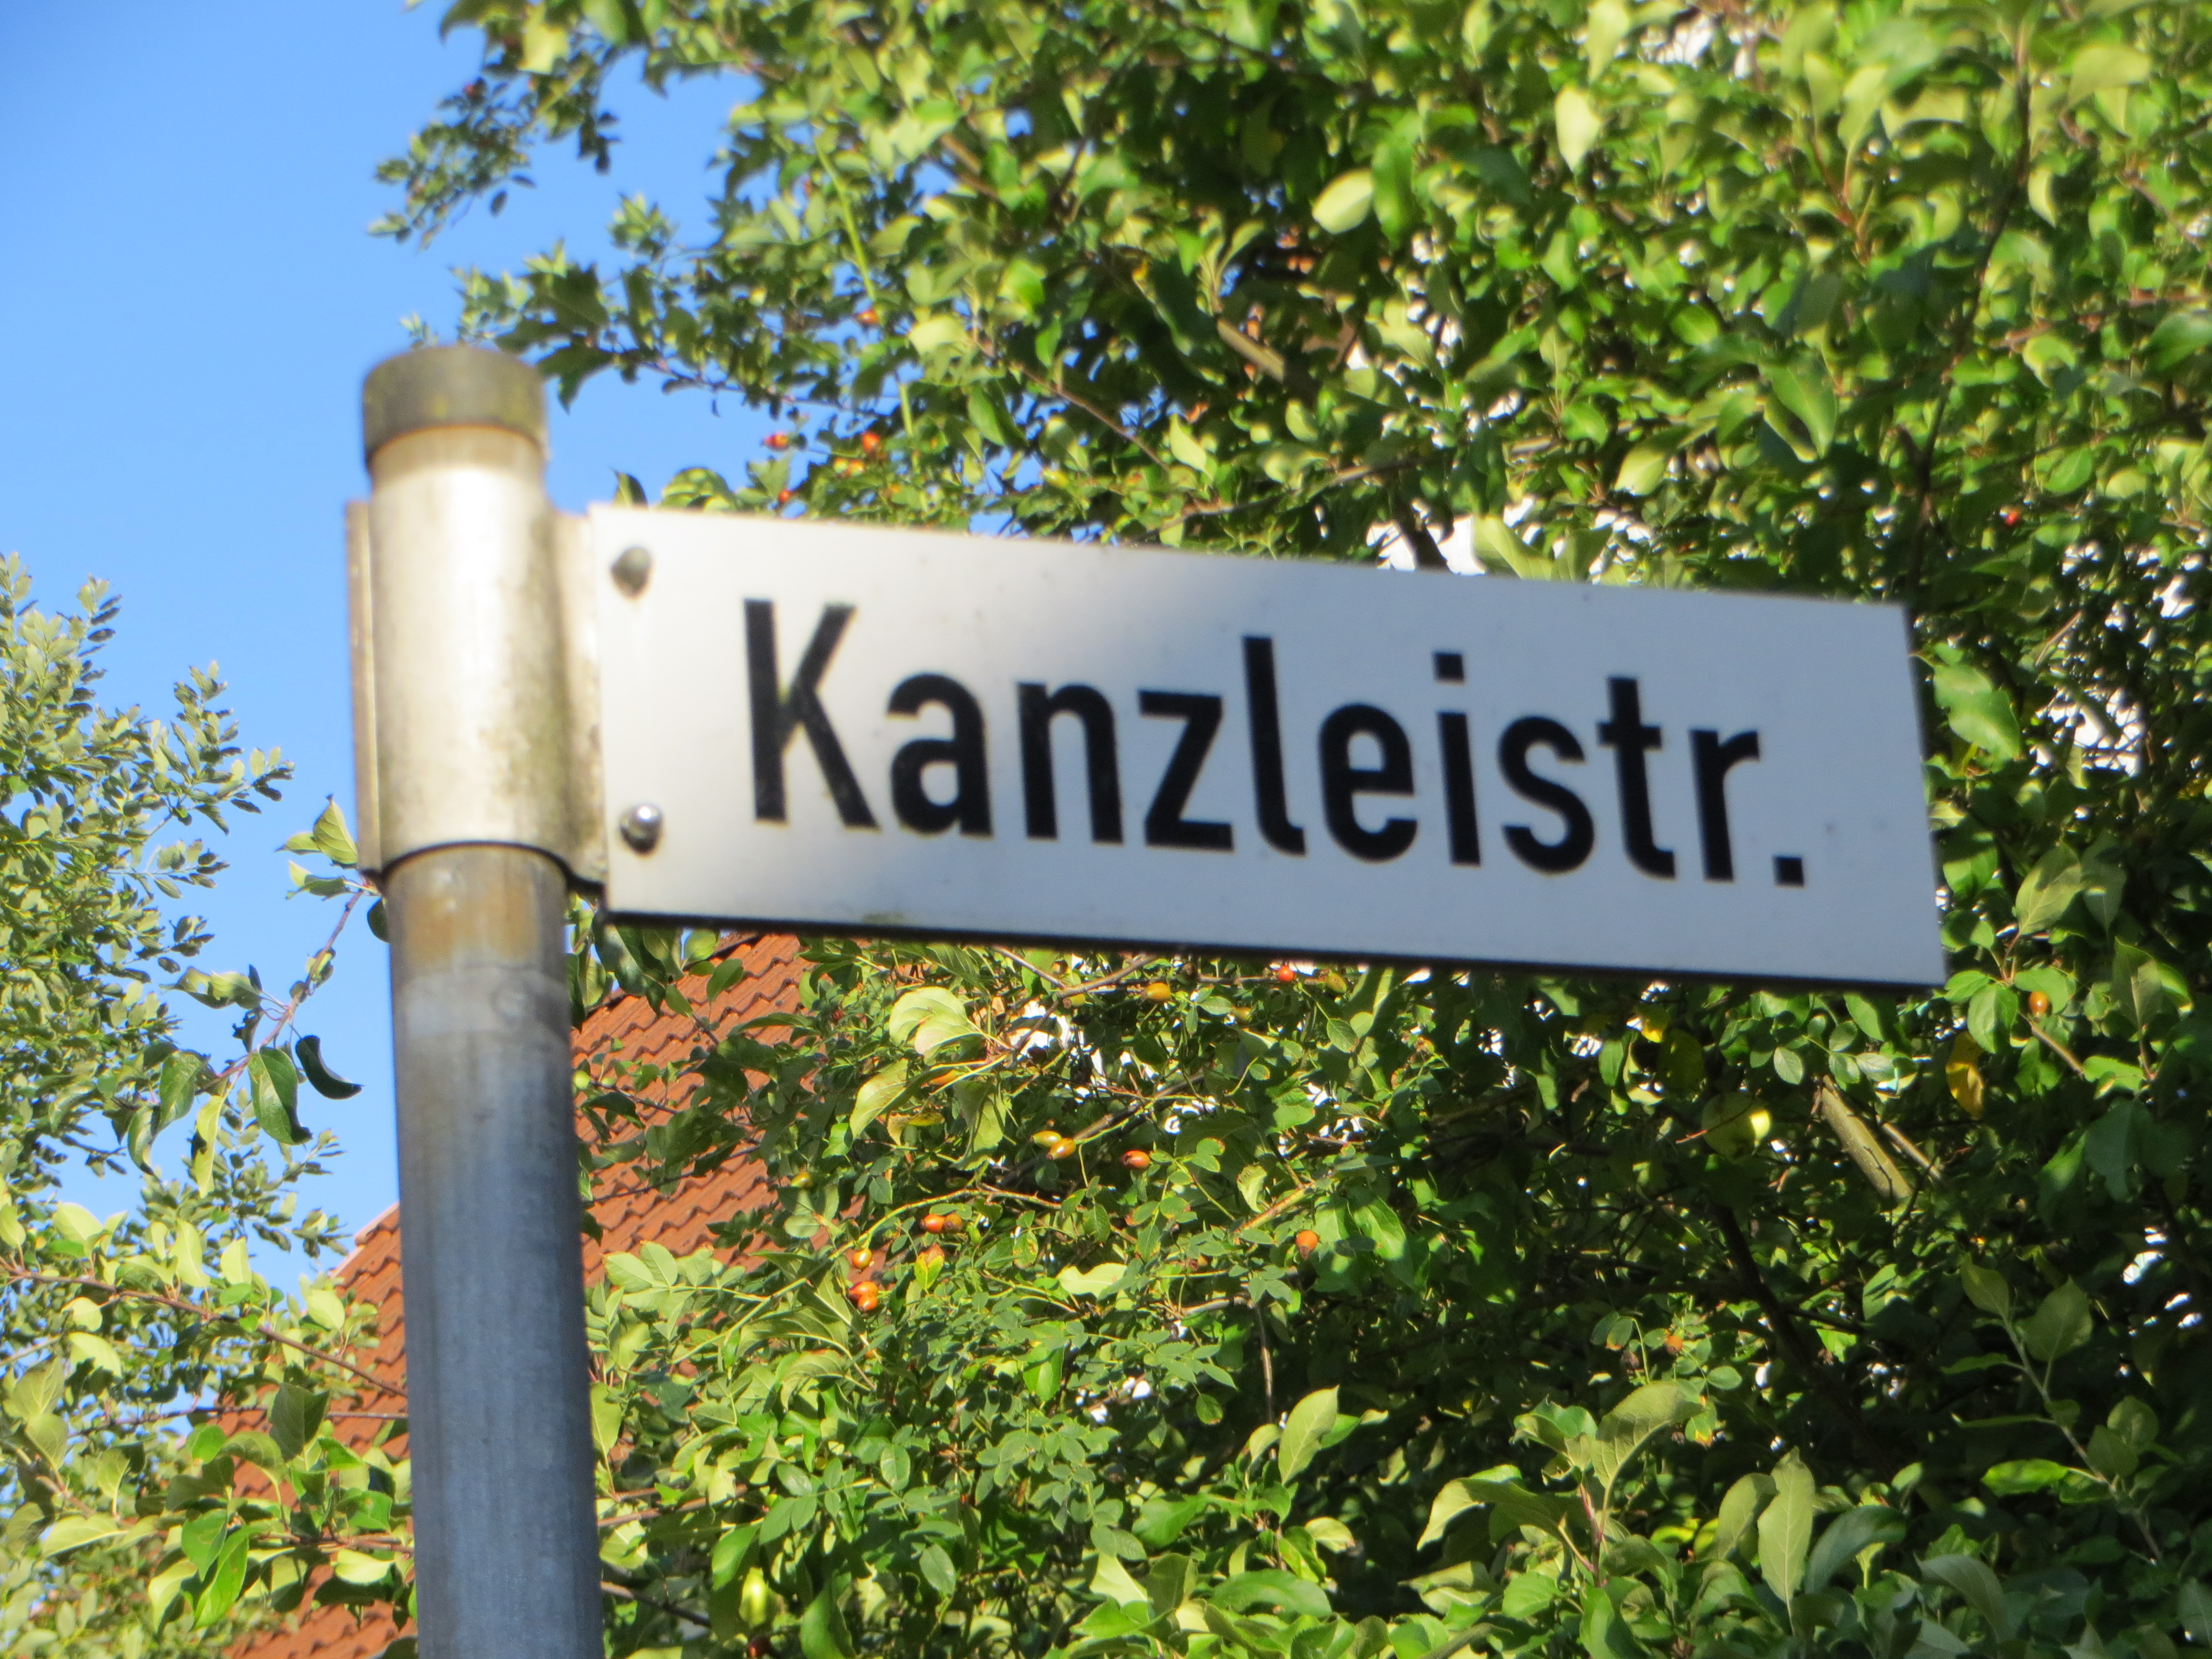 Kanzleistraße Flensburg file straßenschild kanzleistraße flensburg bild 001 jpg